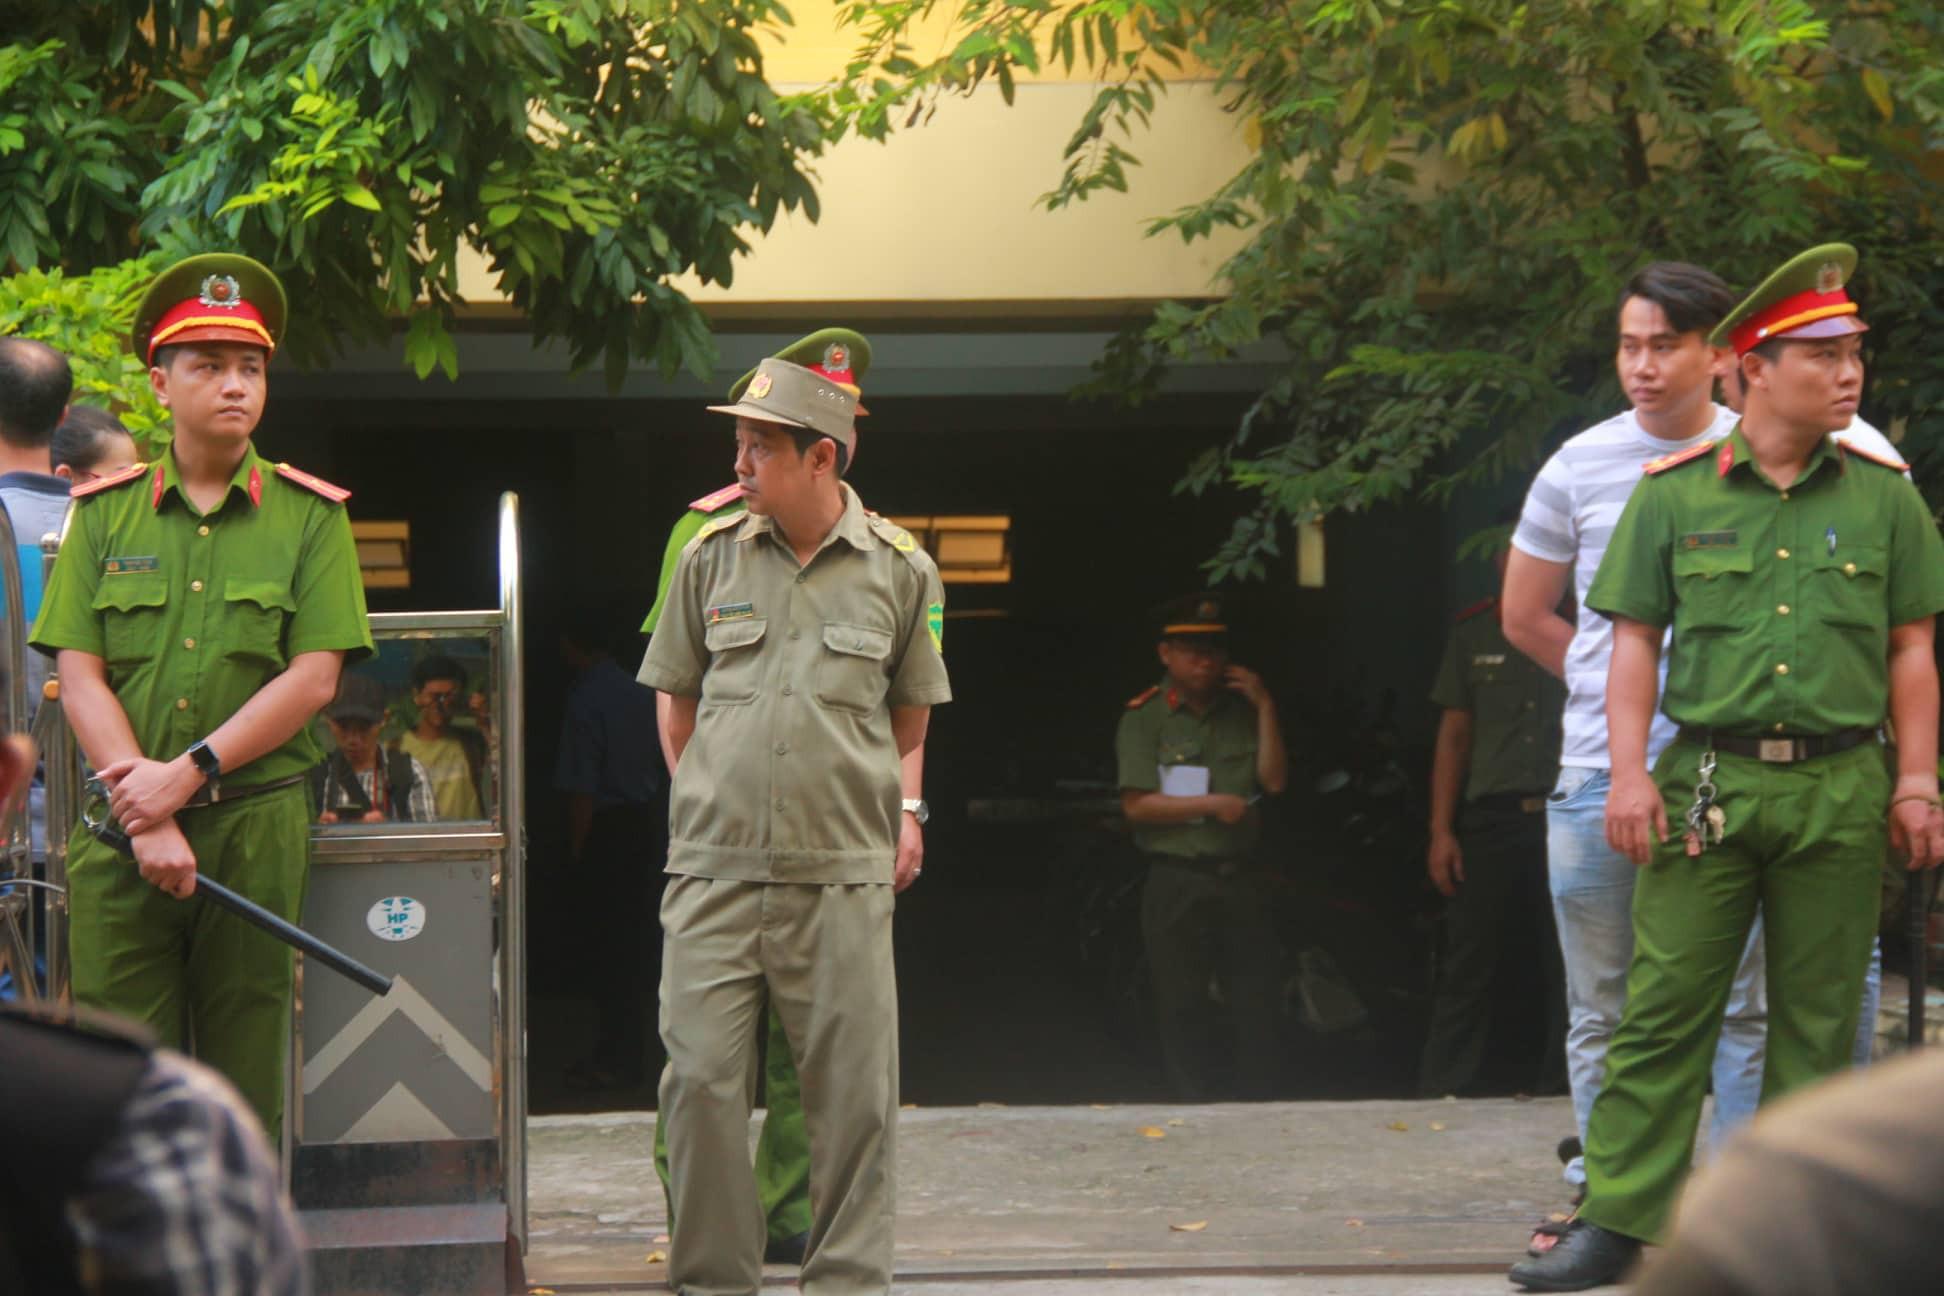 Nguyễn Hữu Linh chính thức bị xét xử tội dâm ô, công an phong tỏa nghiêm ngặt trước tòa án-8